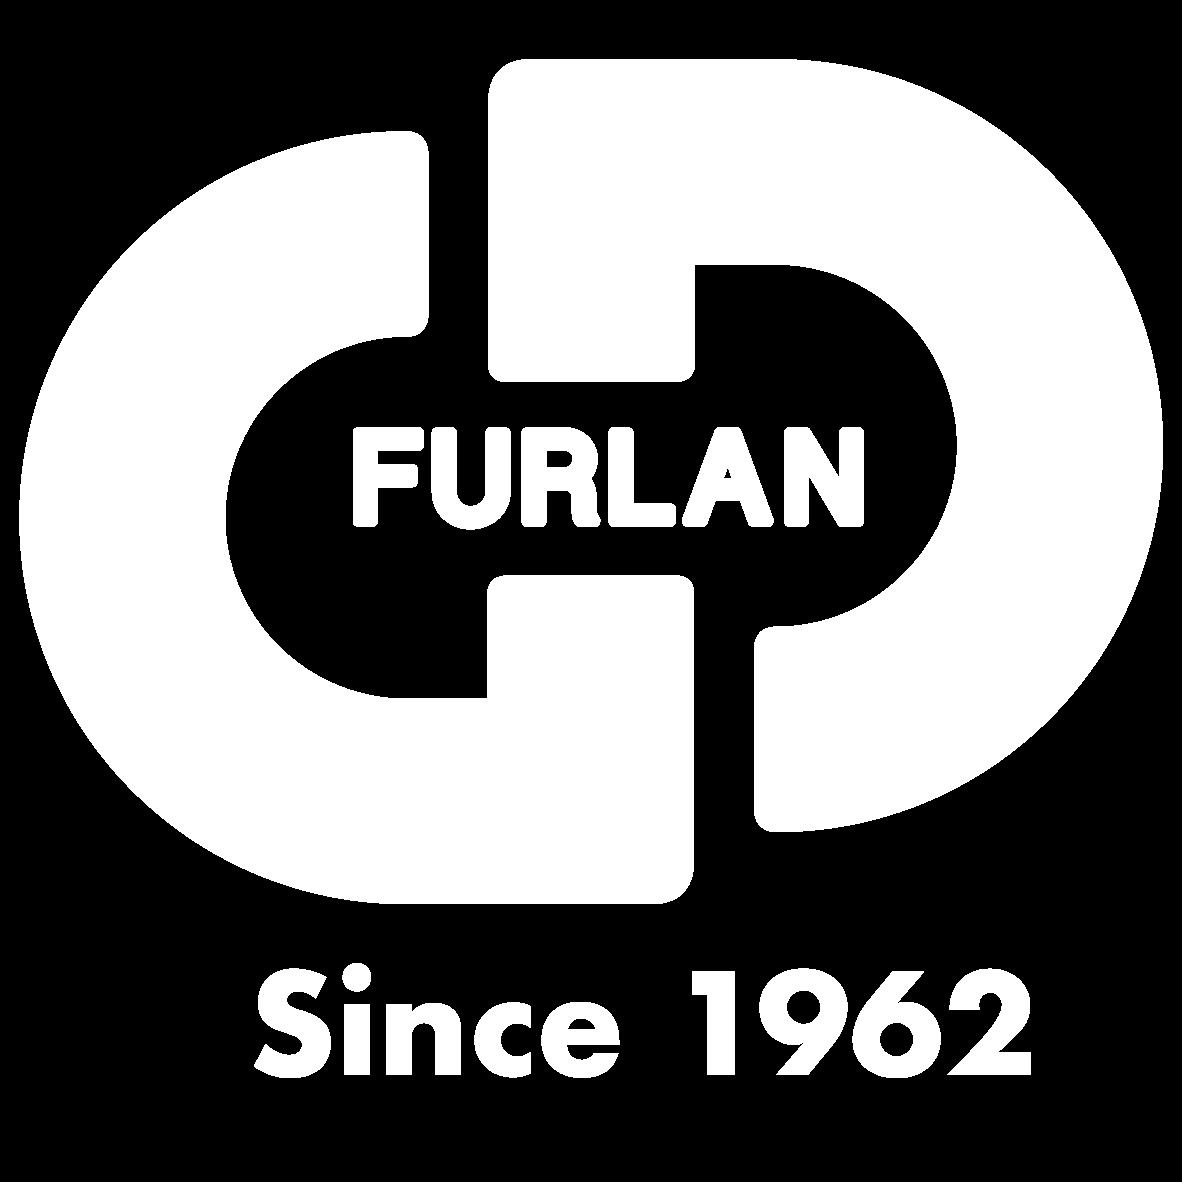 G.D. Furlan